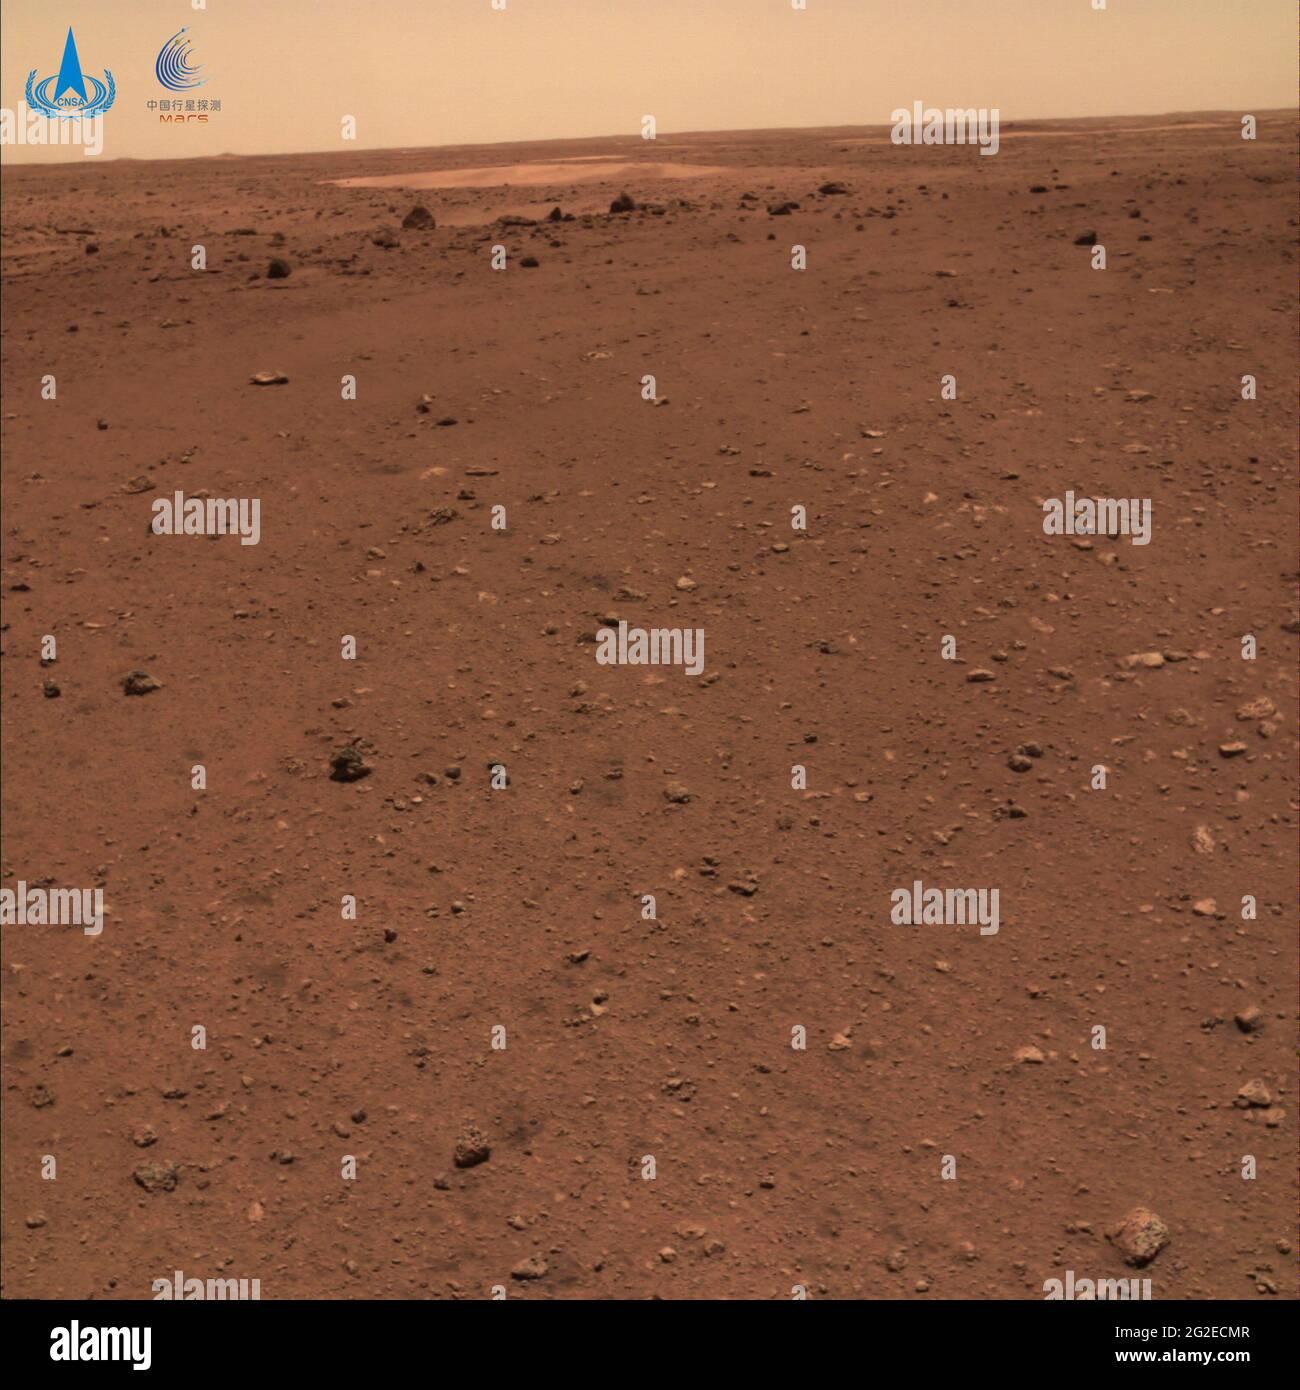 (210611) -- BEIJING, 11 juin 2021 (Xinhua) -- photo publiée le 11 juin 2021 par l'Administration spatiale nationale de Chine (CNSA) montre le paysage martien. La China National Space Administration Friday a publié de nouvelles images prises par le premier Mars rover Zhutrong du pays, montrant le drapeau national sur la planète rouge. Les images ont été dévoilées lors d'une cérémonie à Pékin, ce qui signifie le succès total de la première mission d'exploration de mars en Chine. Les images incluent le panorama du site d'atterrissage, le paysage martien et un selfie du rover avec la plate-forme d'atterrissage. (CNSA/document via Xinhua) Banque D'Images